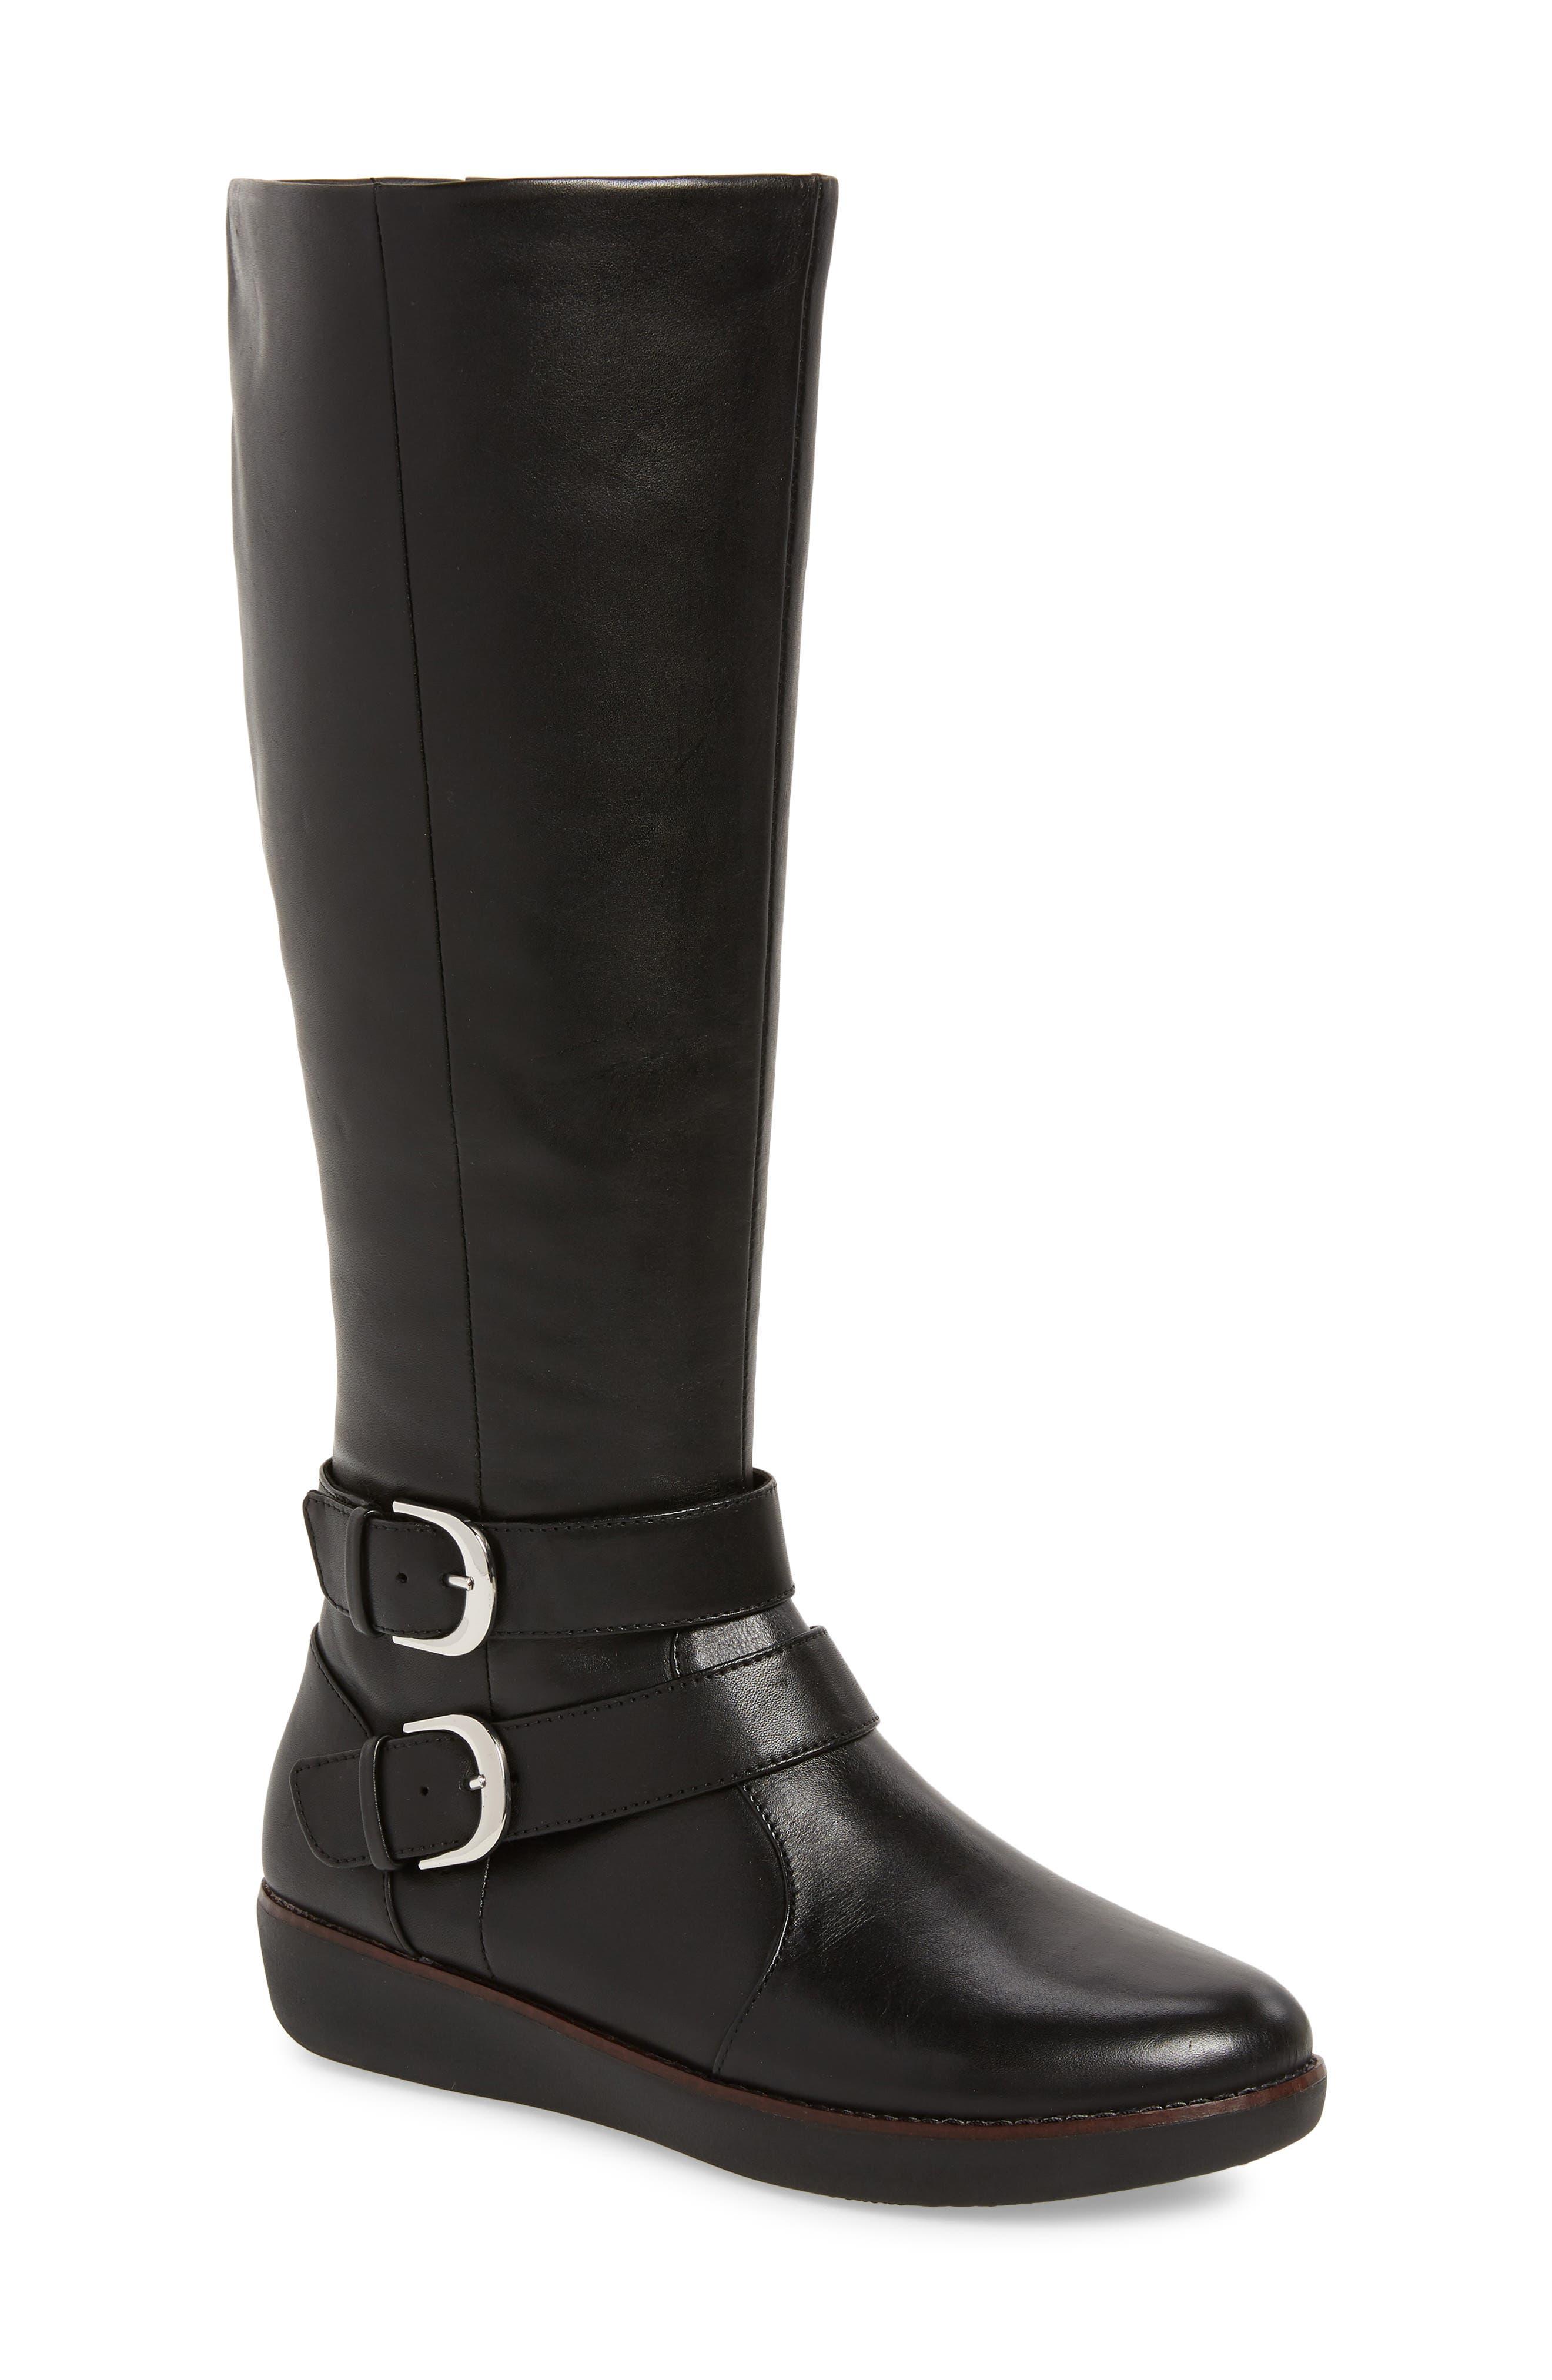 2e45f62d02a Women s Boots Sale